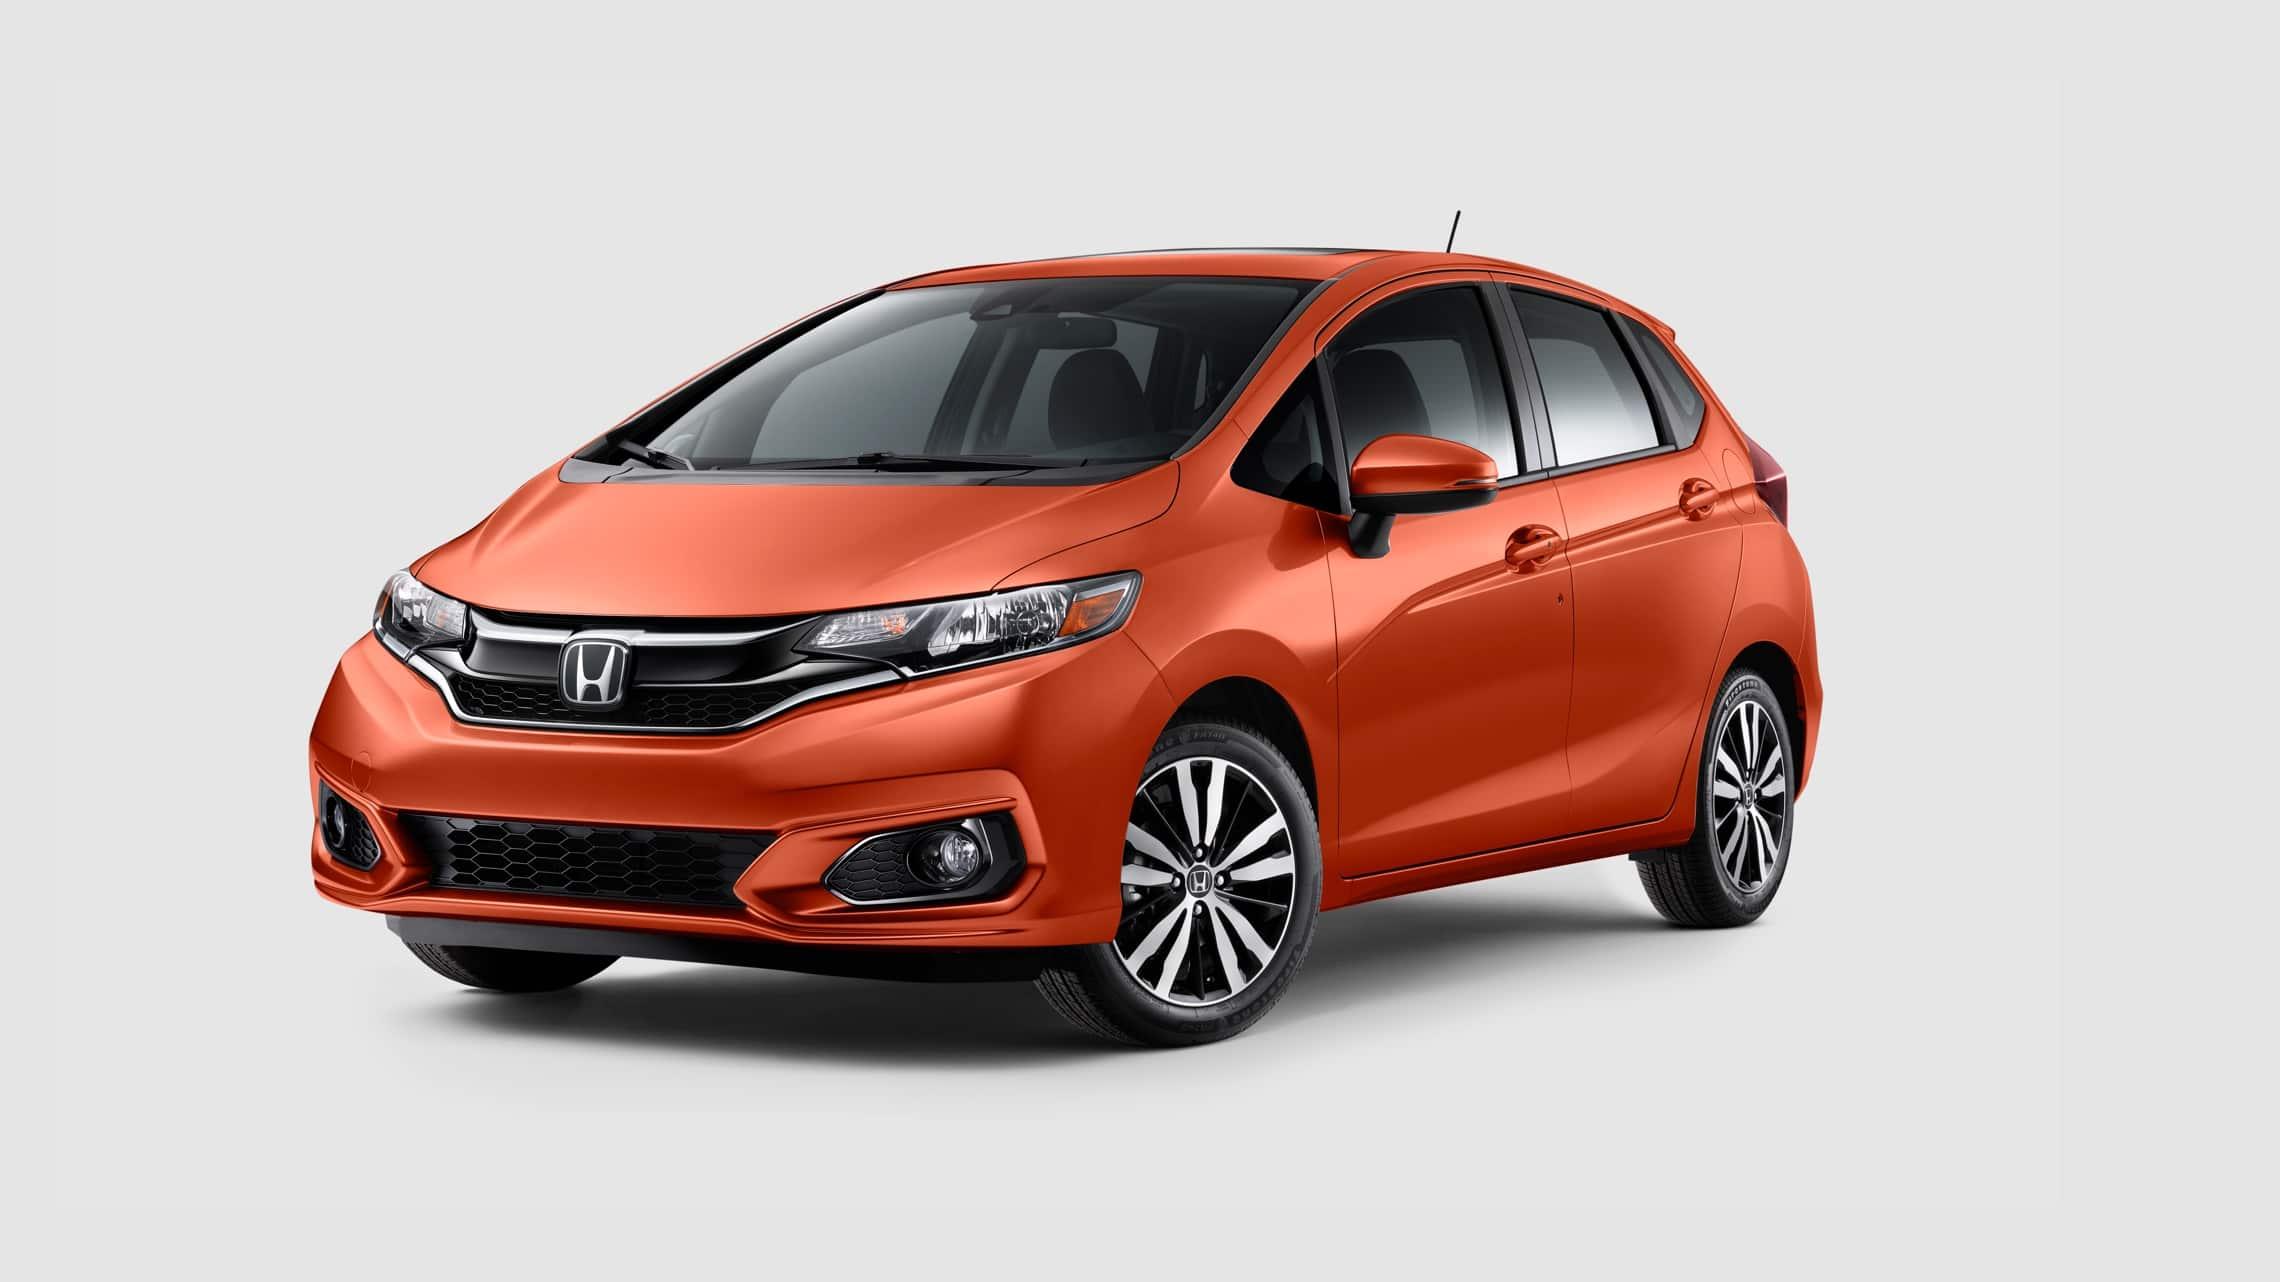 Vista frontal desde el lado del conductor del Honda Fit EX-L2020 en Orange Fury.